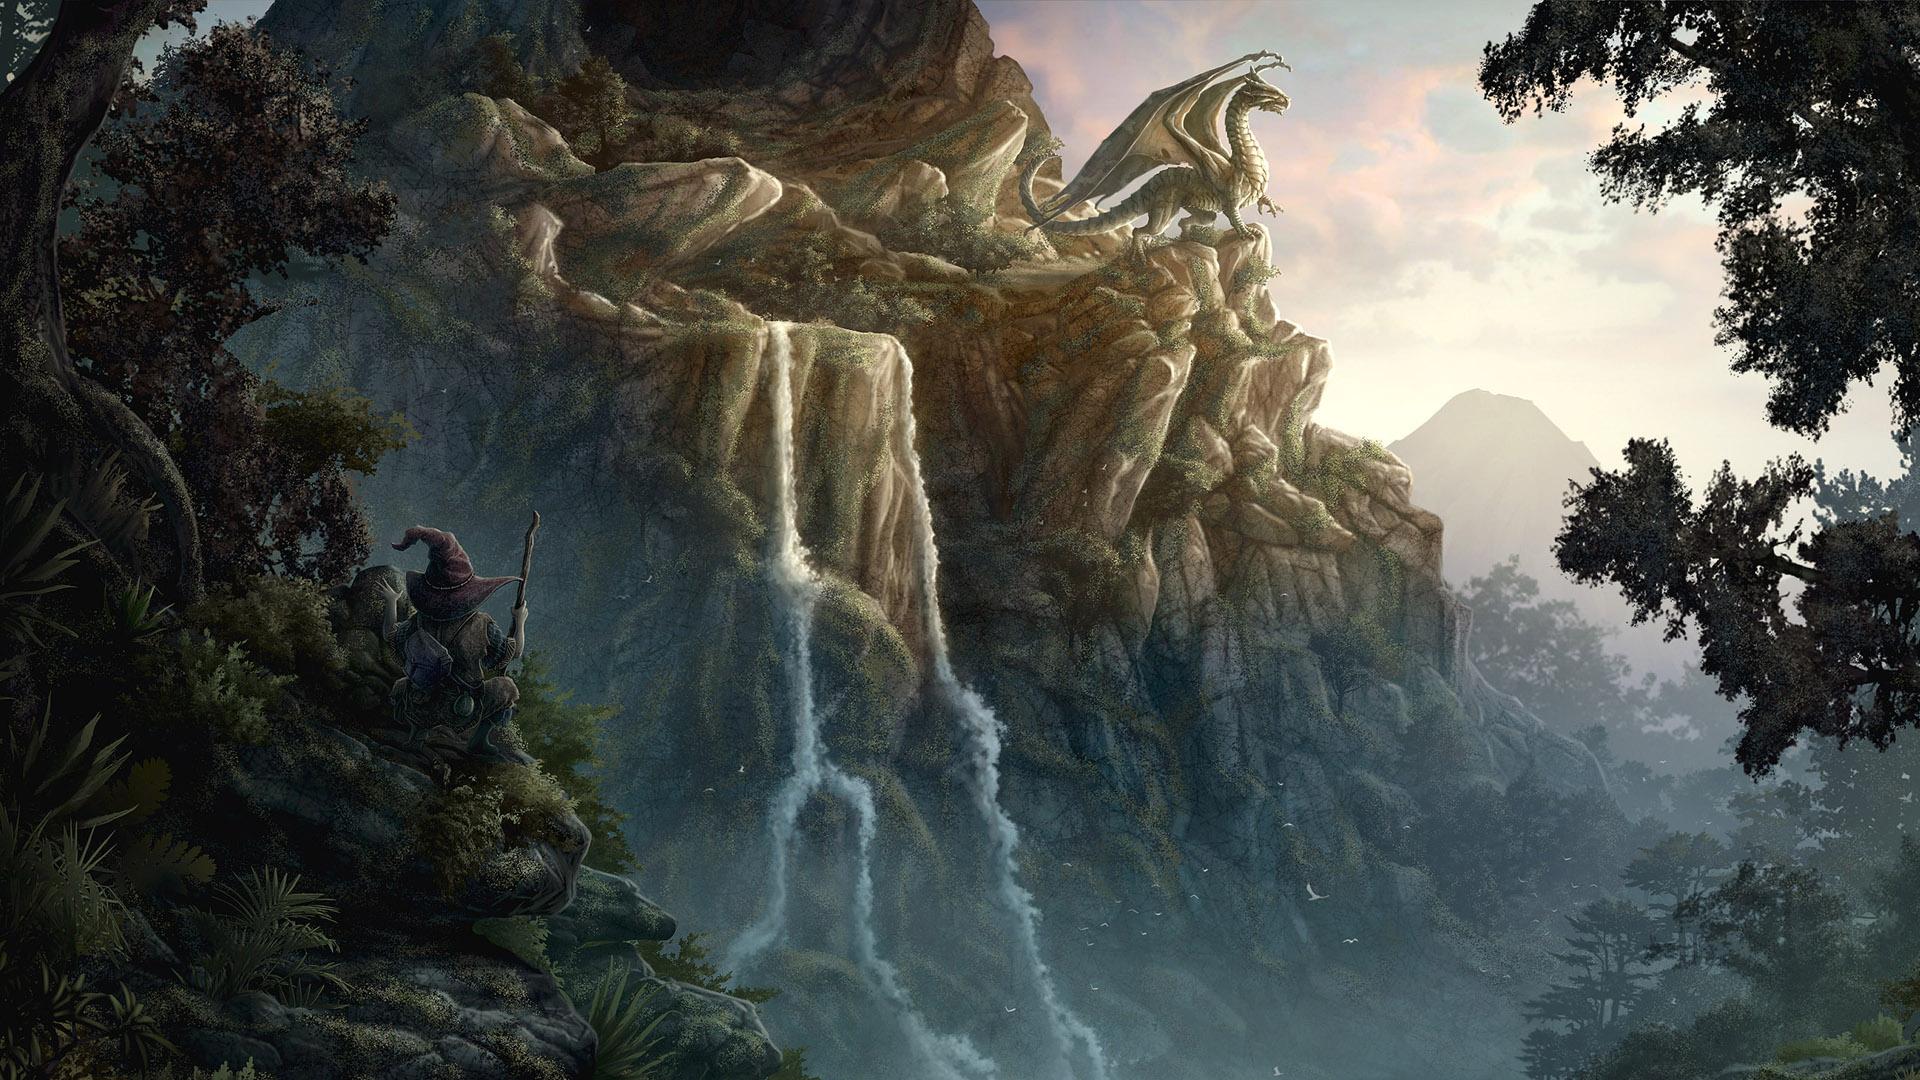 1920 x 1080 Dragon Game HD Wallpaper 1920x1080